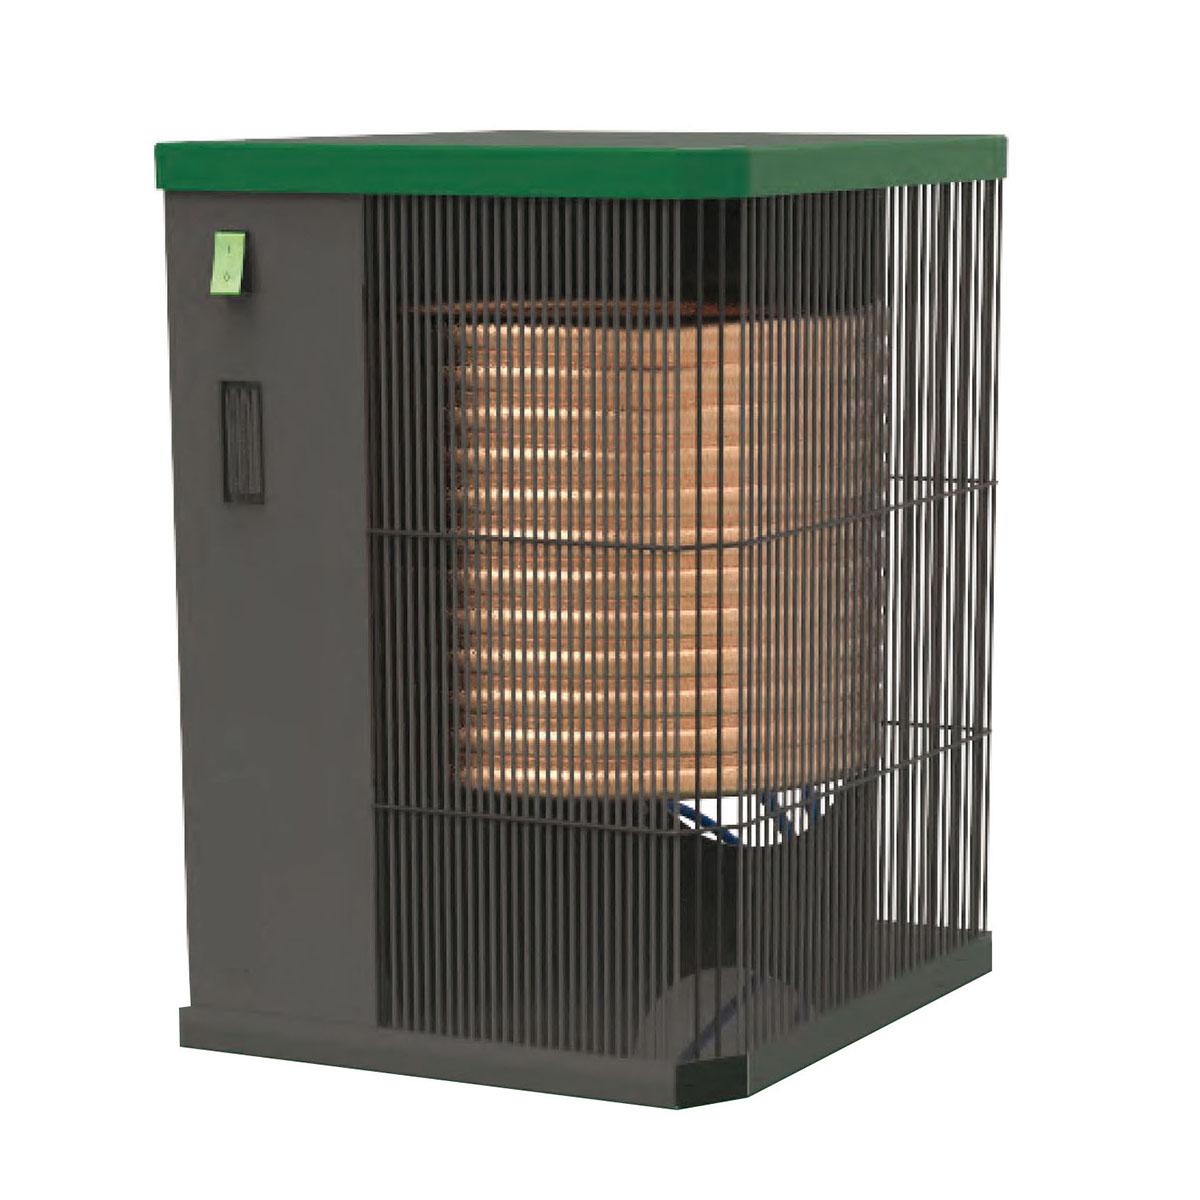 DKT-1400 Druckluft-Kältetrockner